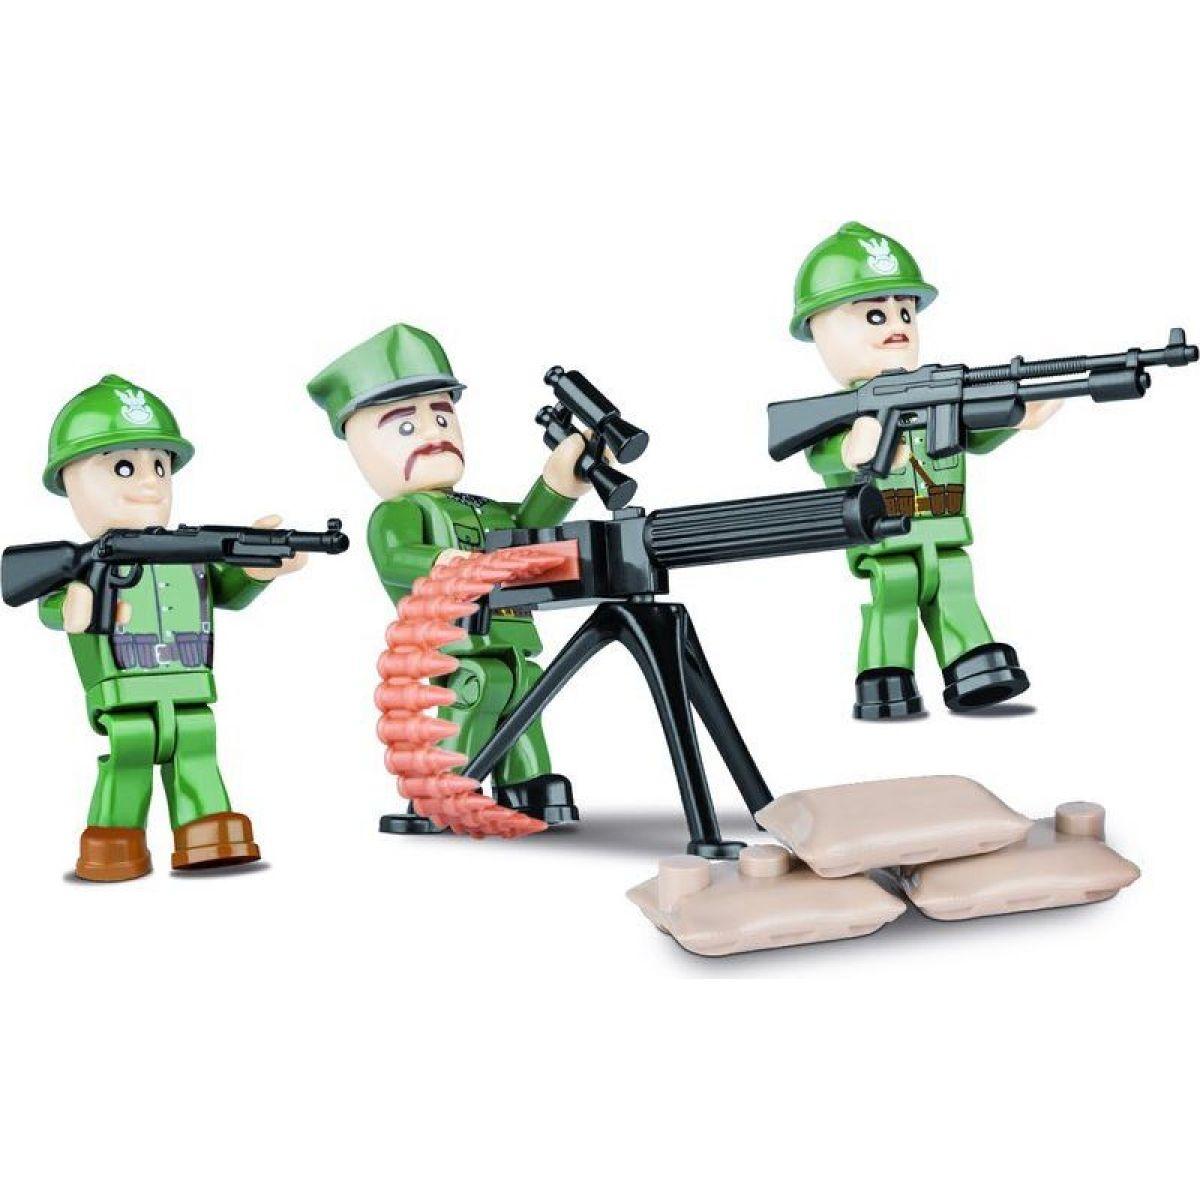 Cobi 2029 Malá armáda 3 figúrky s doplnkami Poľská armáda